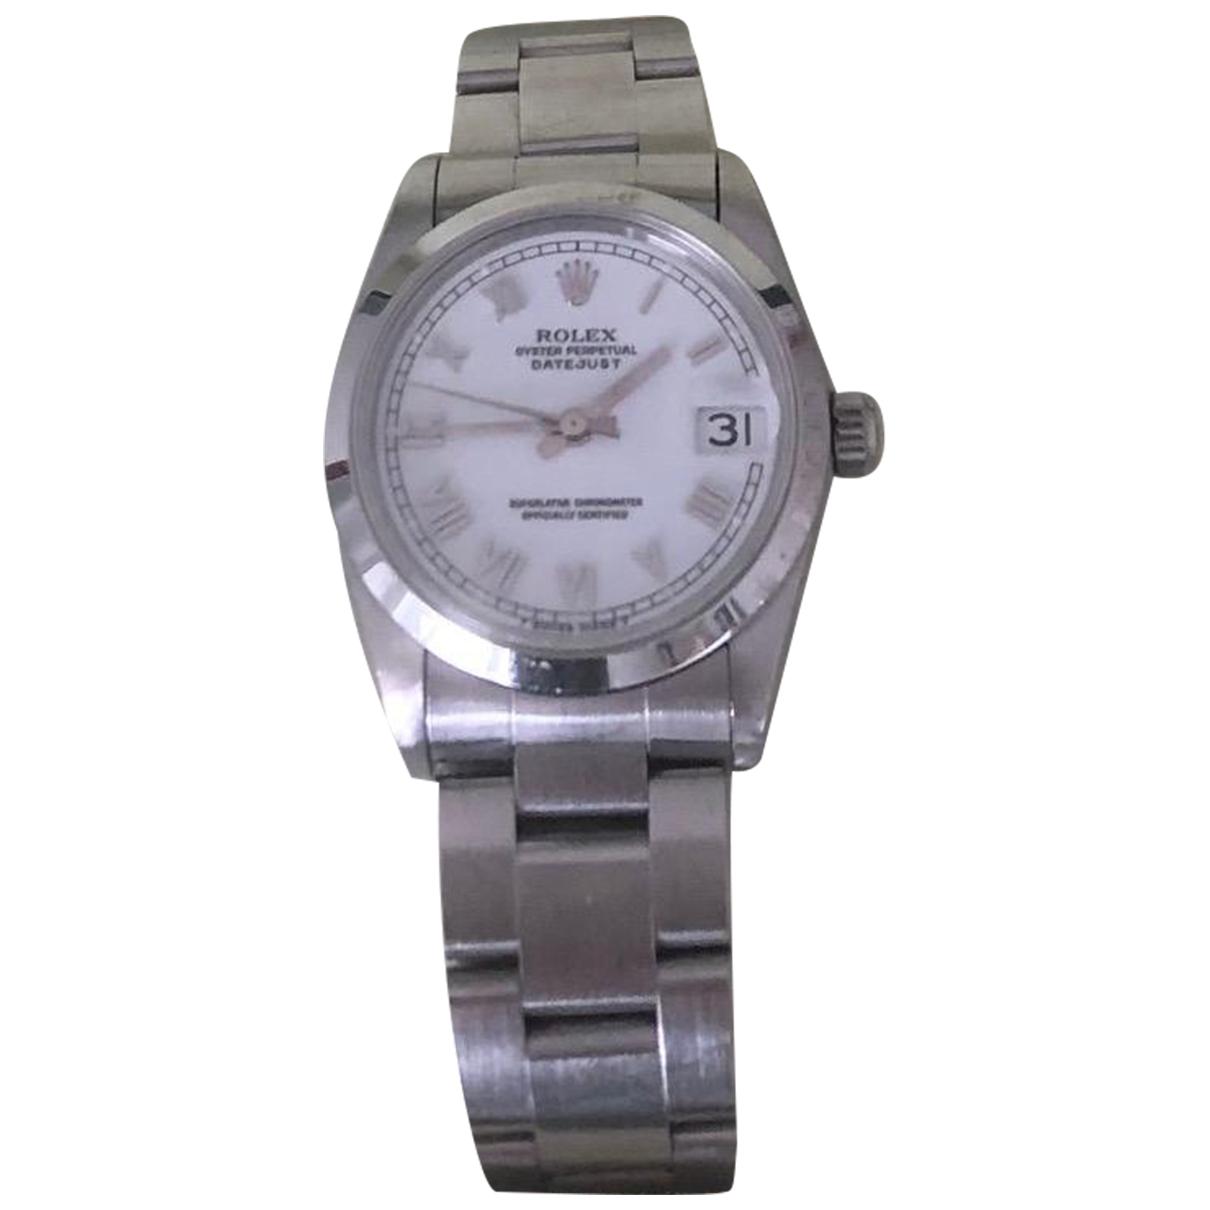 Rolex Datejust 31mm Uhr in  Weiss Stahl